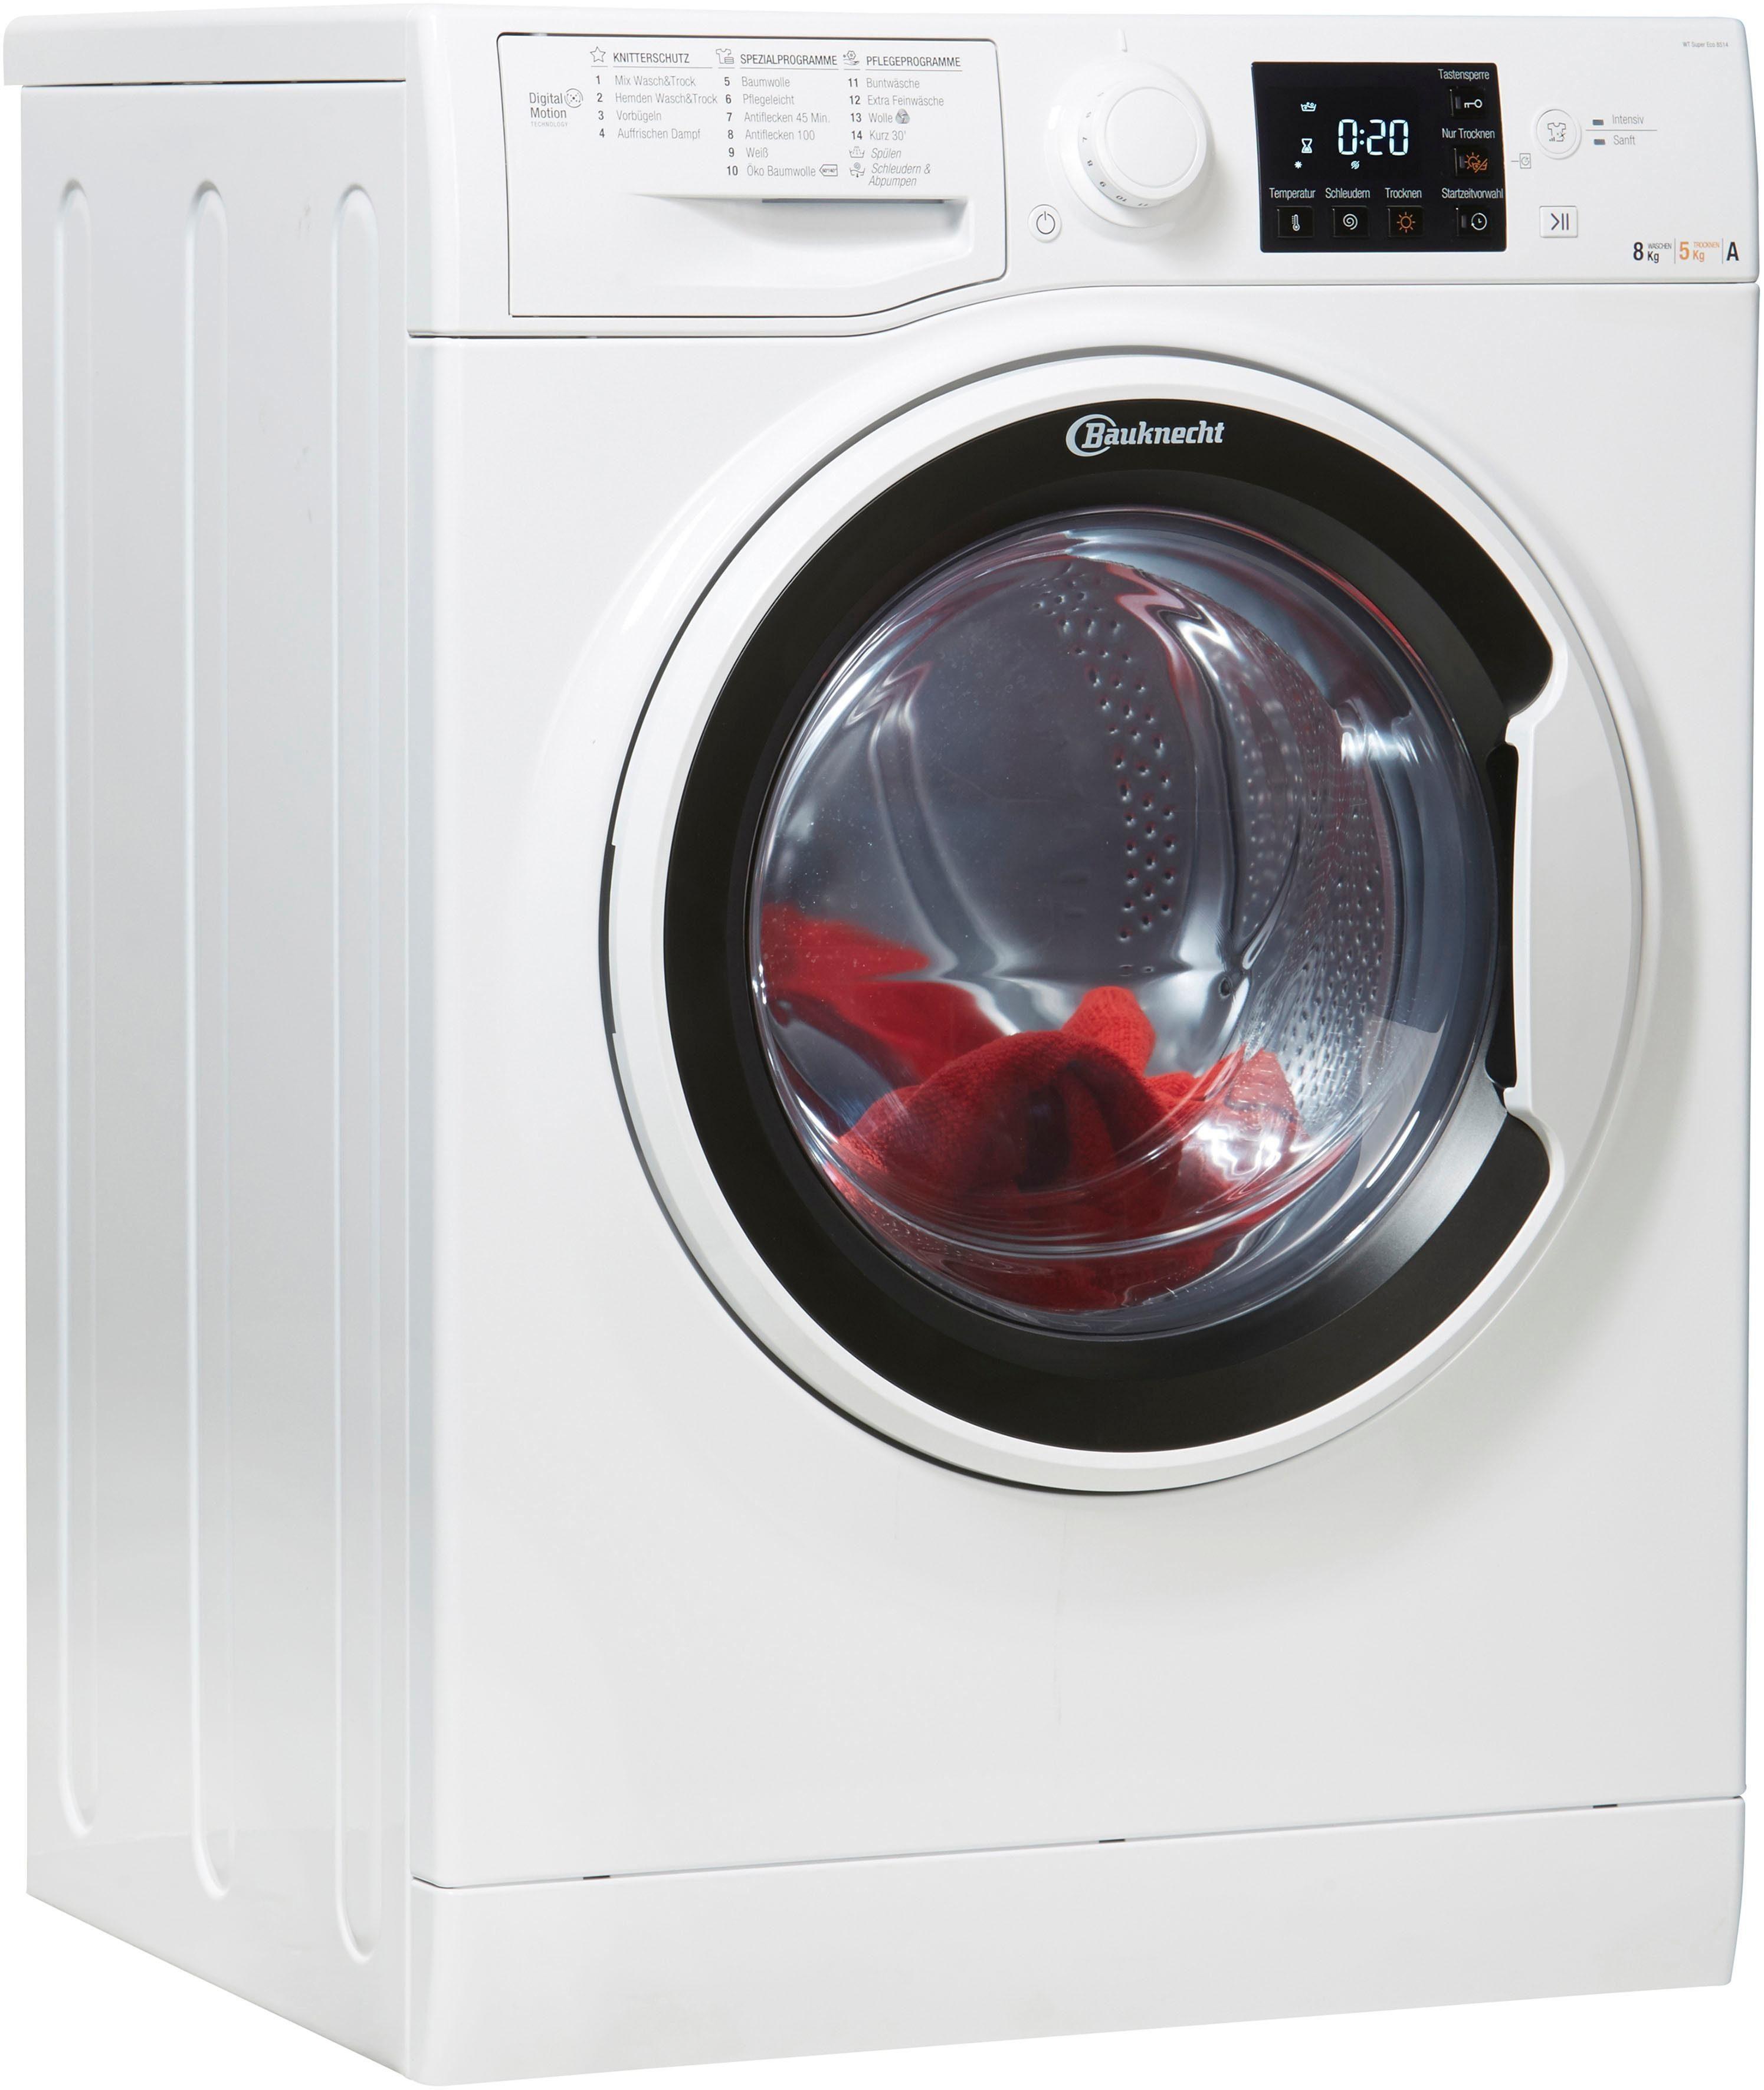 BAUKNECHT Waschtrockner WT Super Eco 8514, 8 kg/5 kg, 1400 U/Min